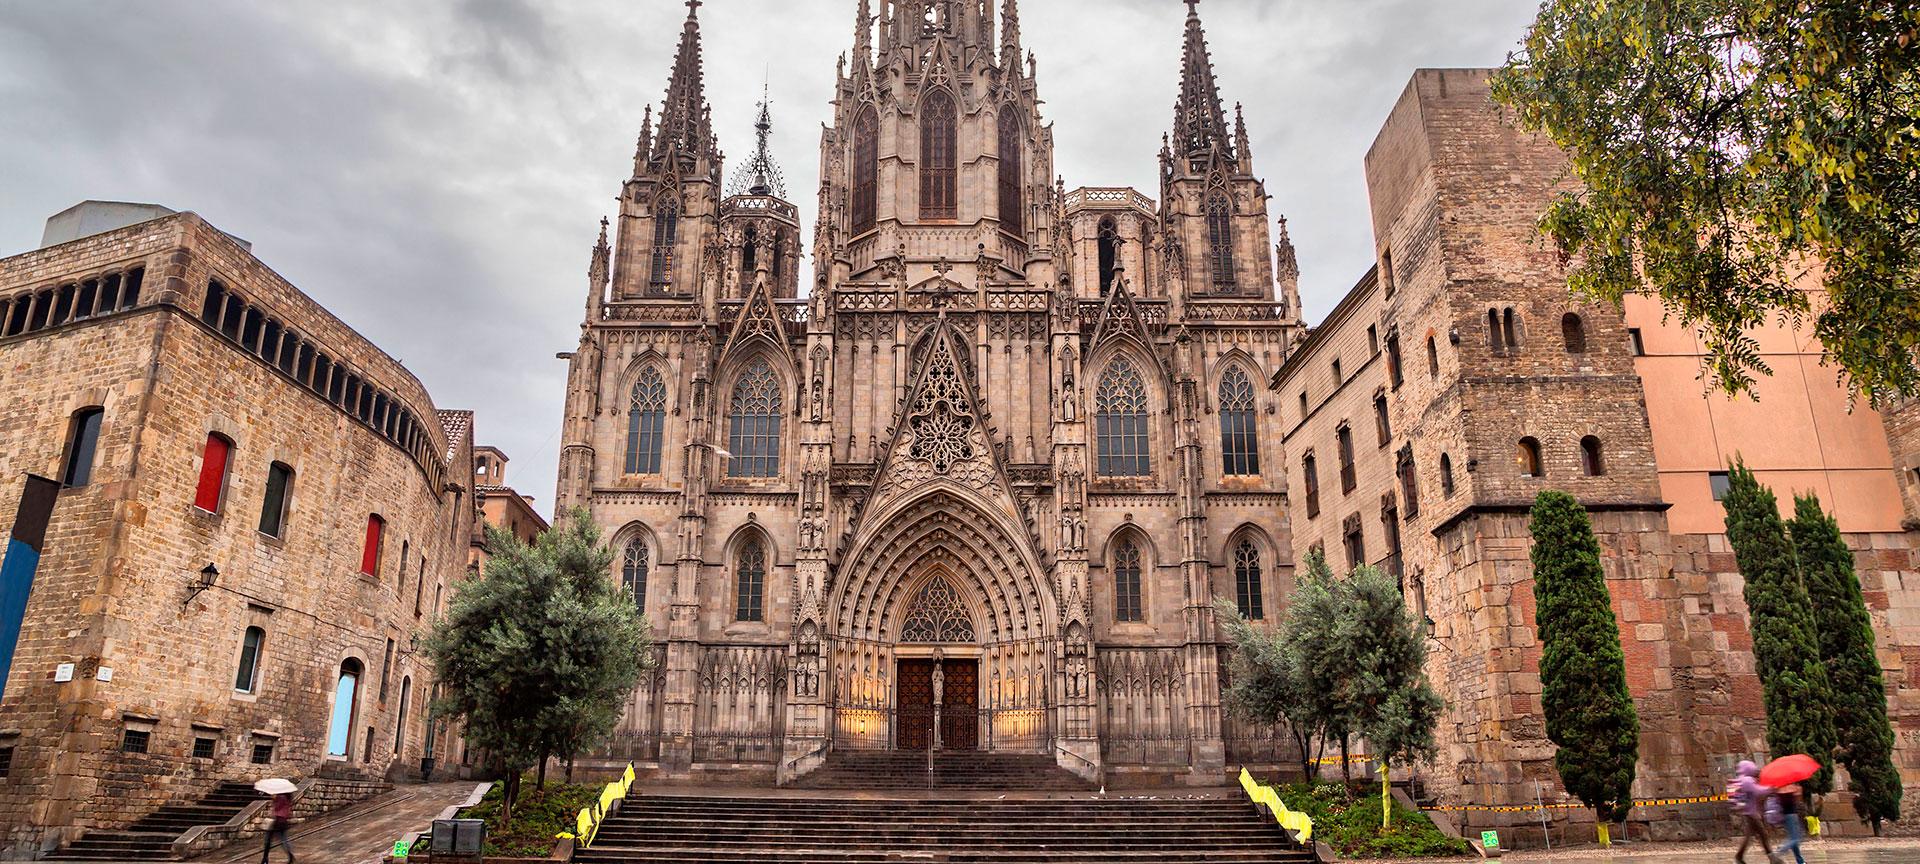 barcelona cathedral in barcelona spain info in english barcelona cathedral in barcelona